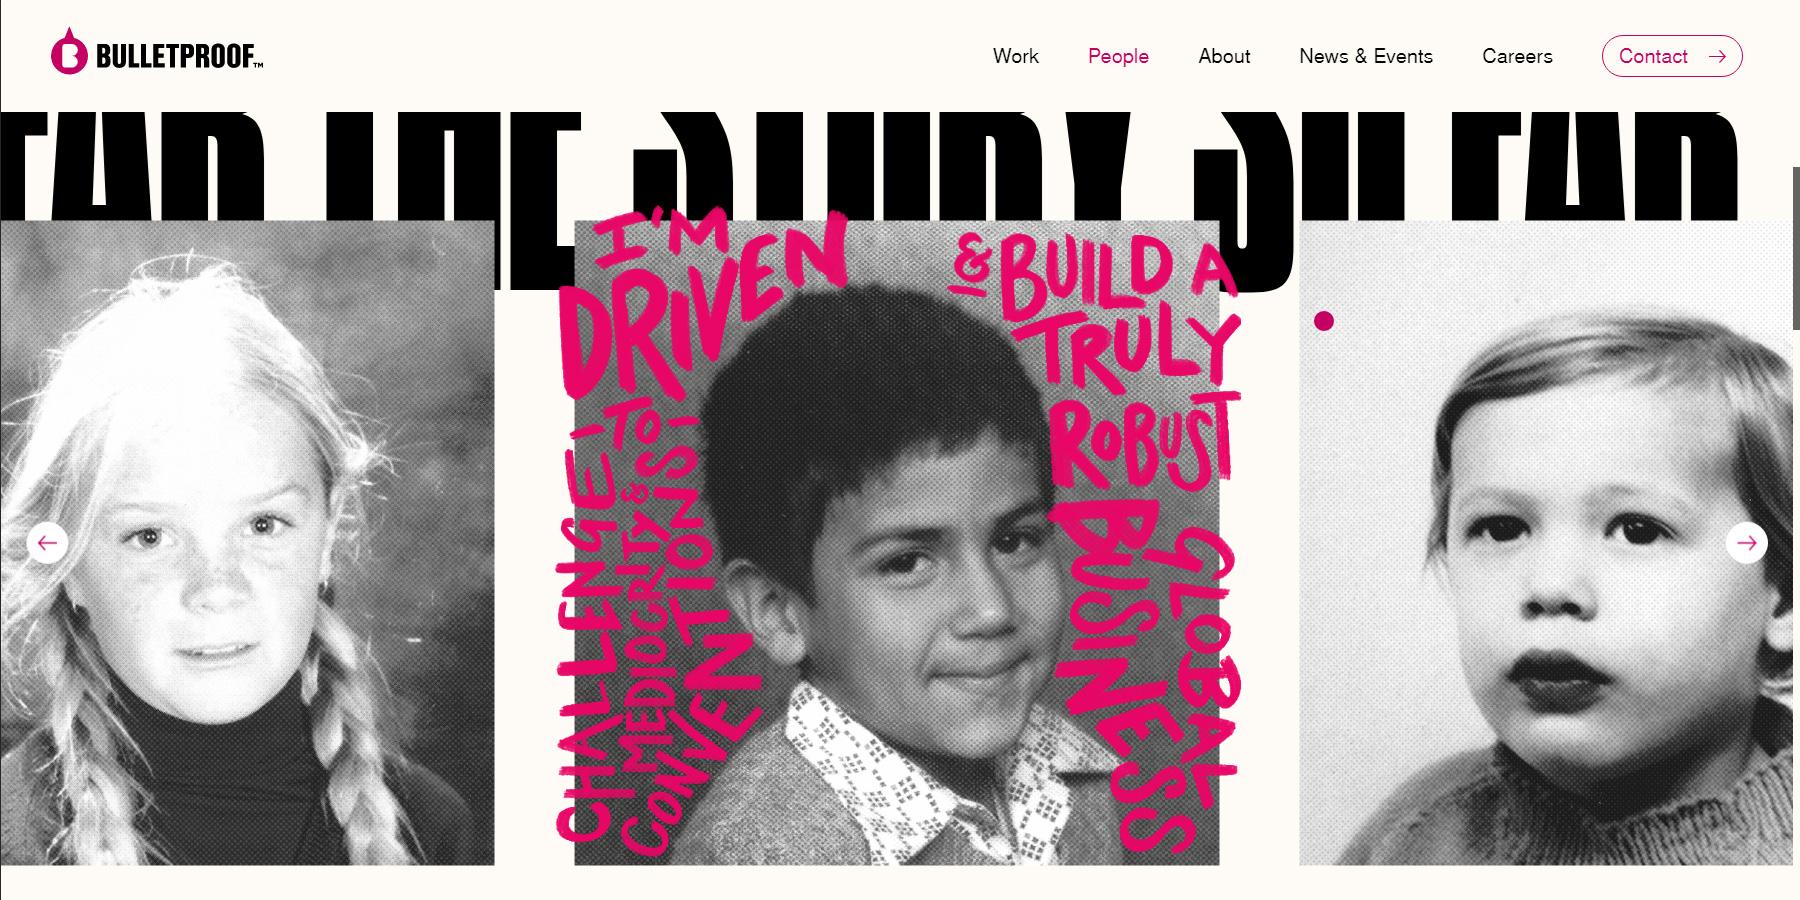 We Bulletproof Brands - Website of the Day